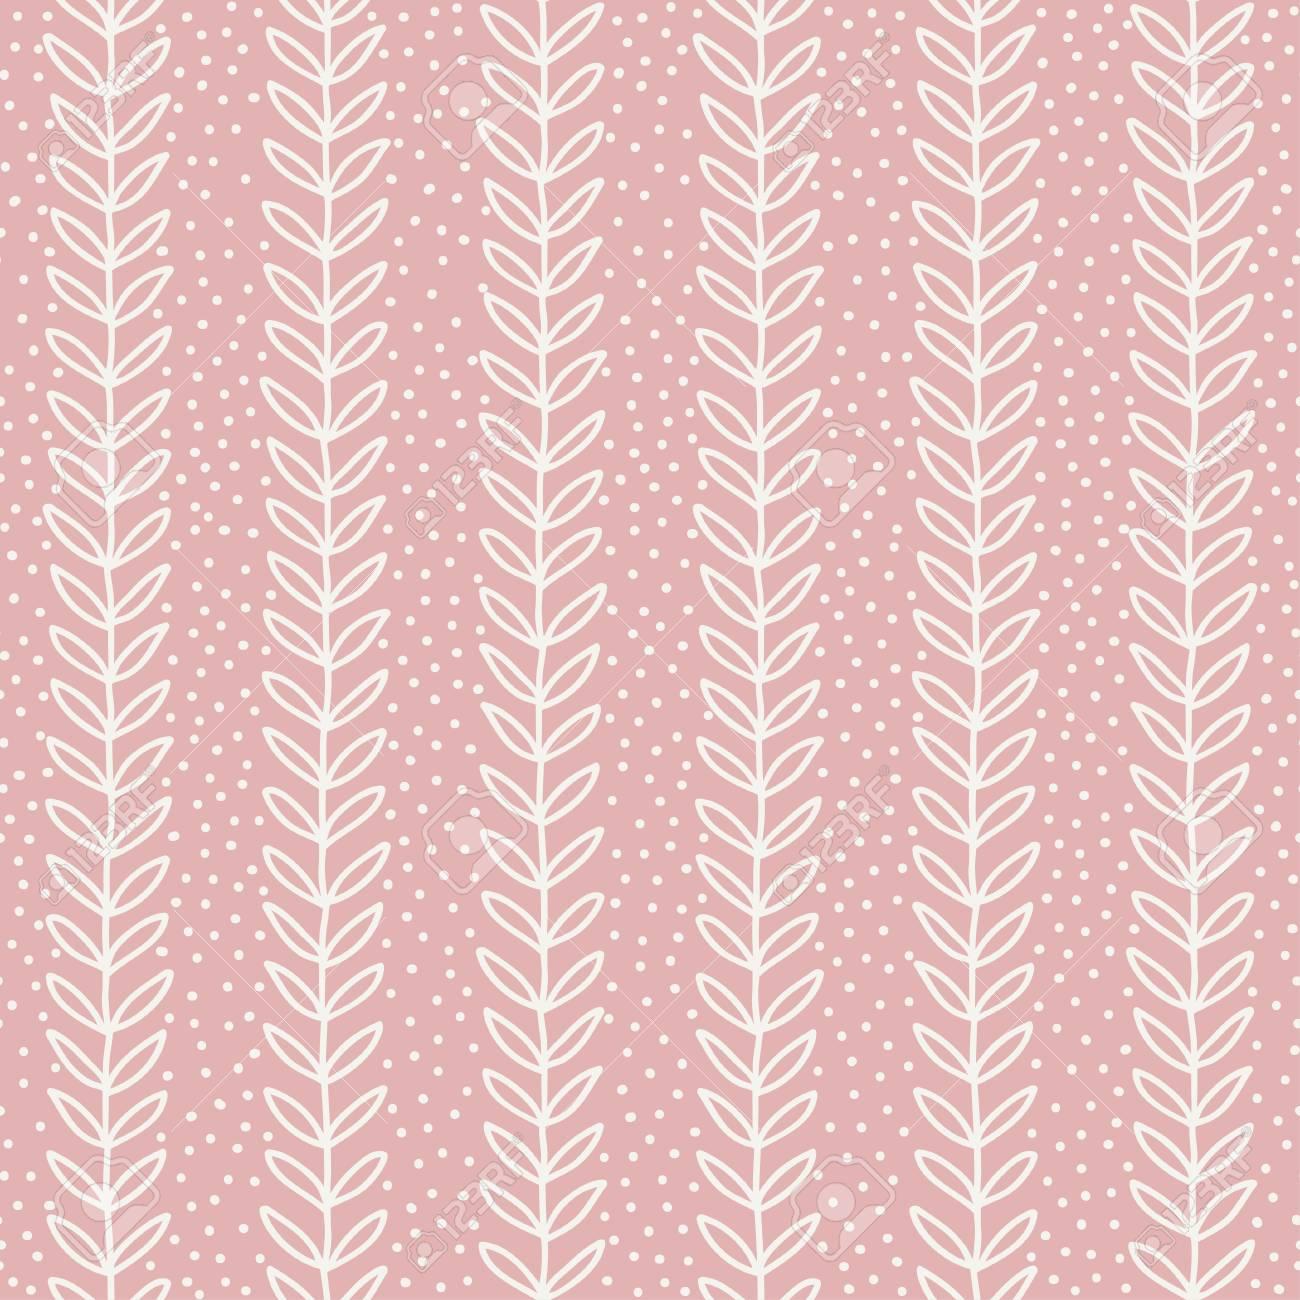 シンプルなリーフのシームレス パターン 手には ピンクの背景が描画されます かわいい壁紙 ベクトルの図 のイラスト素材 ベクタ Image